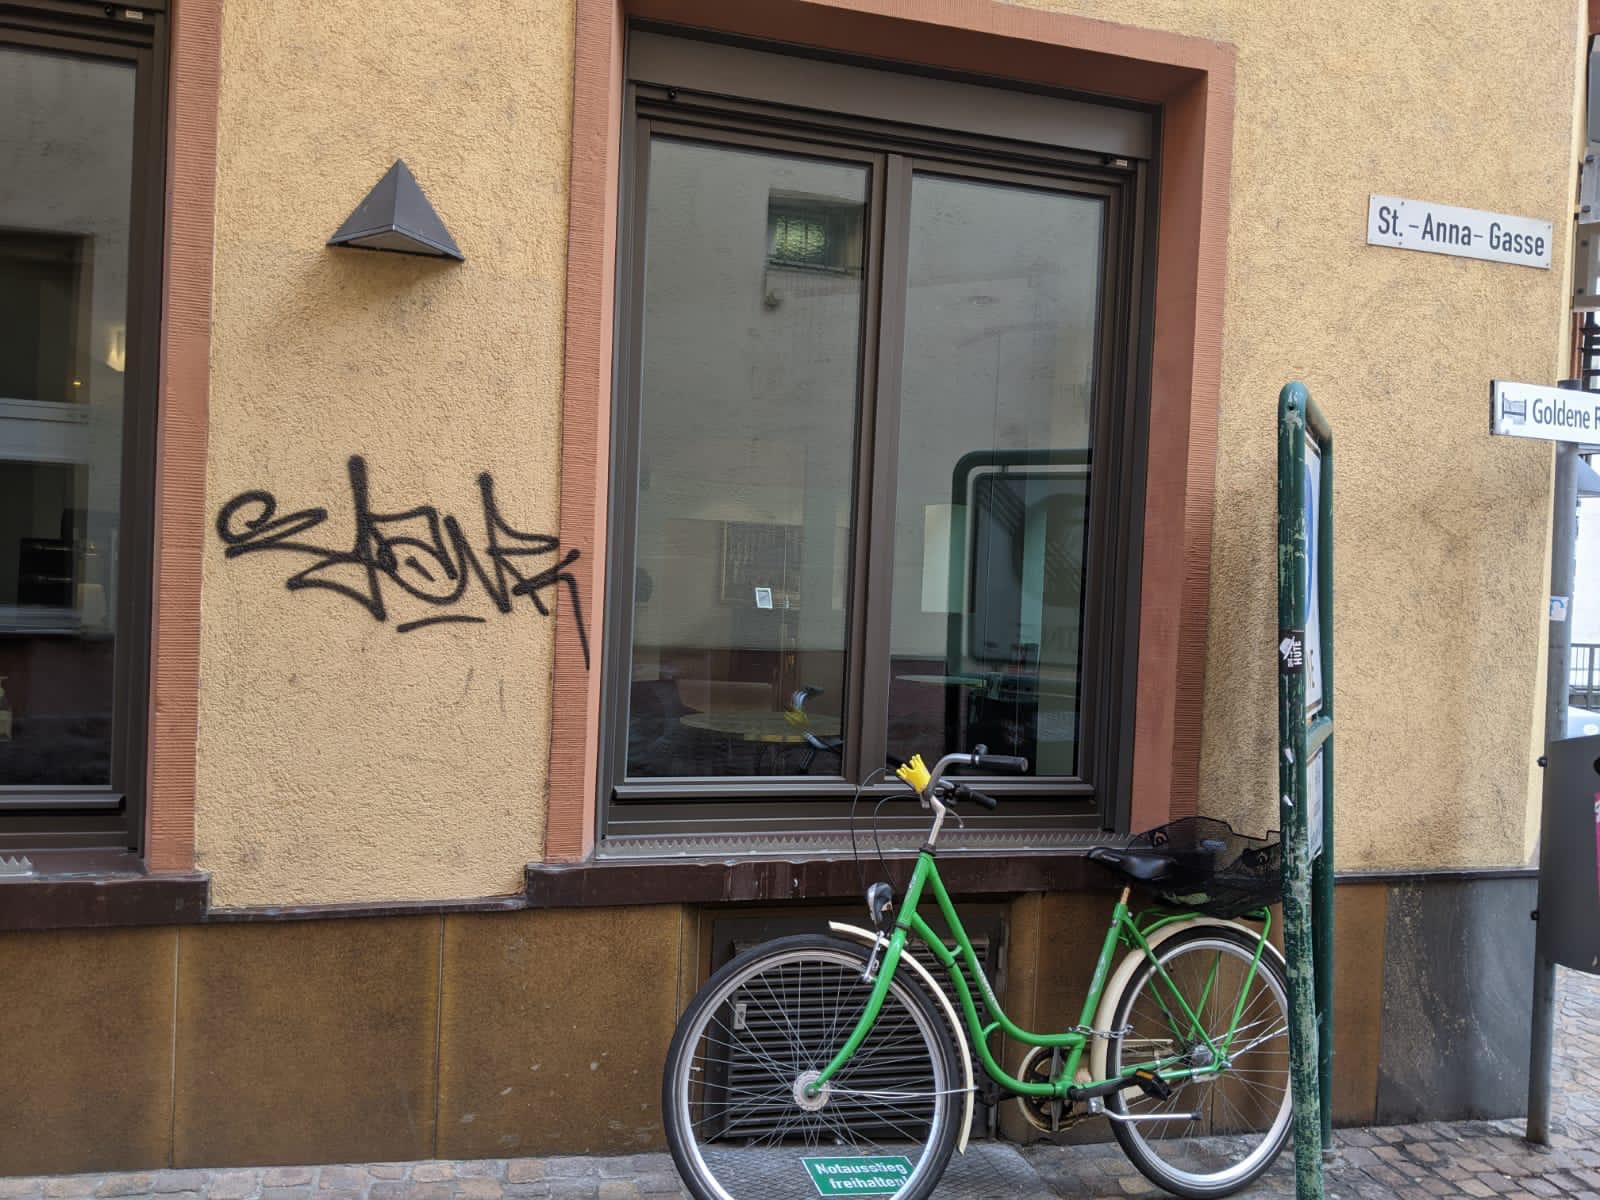 Graffitientfernung Sandstrahltechnik